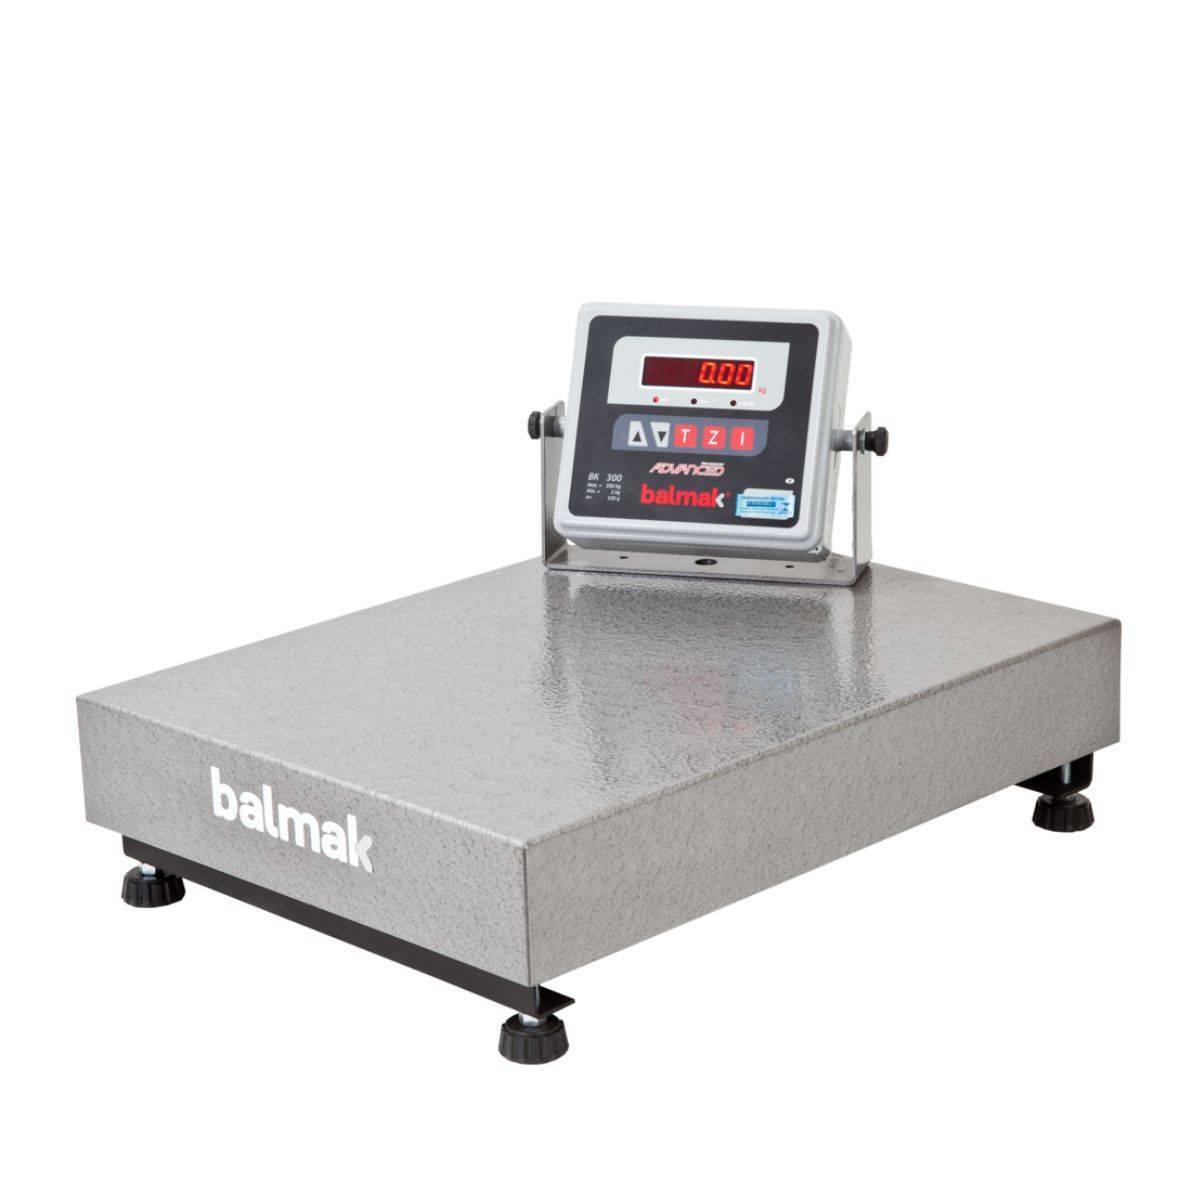 Balança Industrial Eletrônica 300Kg Plataforma BK-300 Balmak - Magazine do Chef